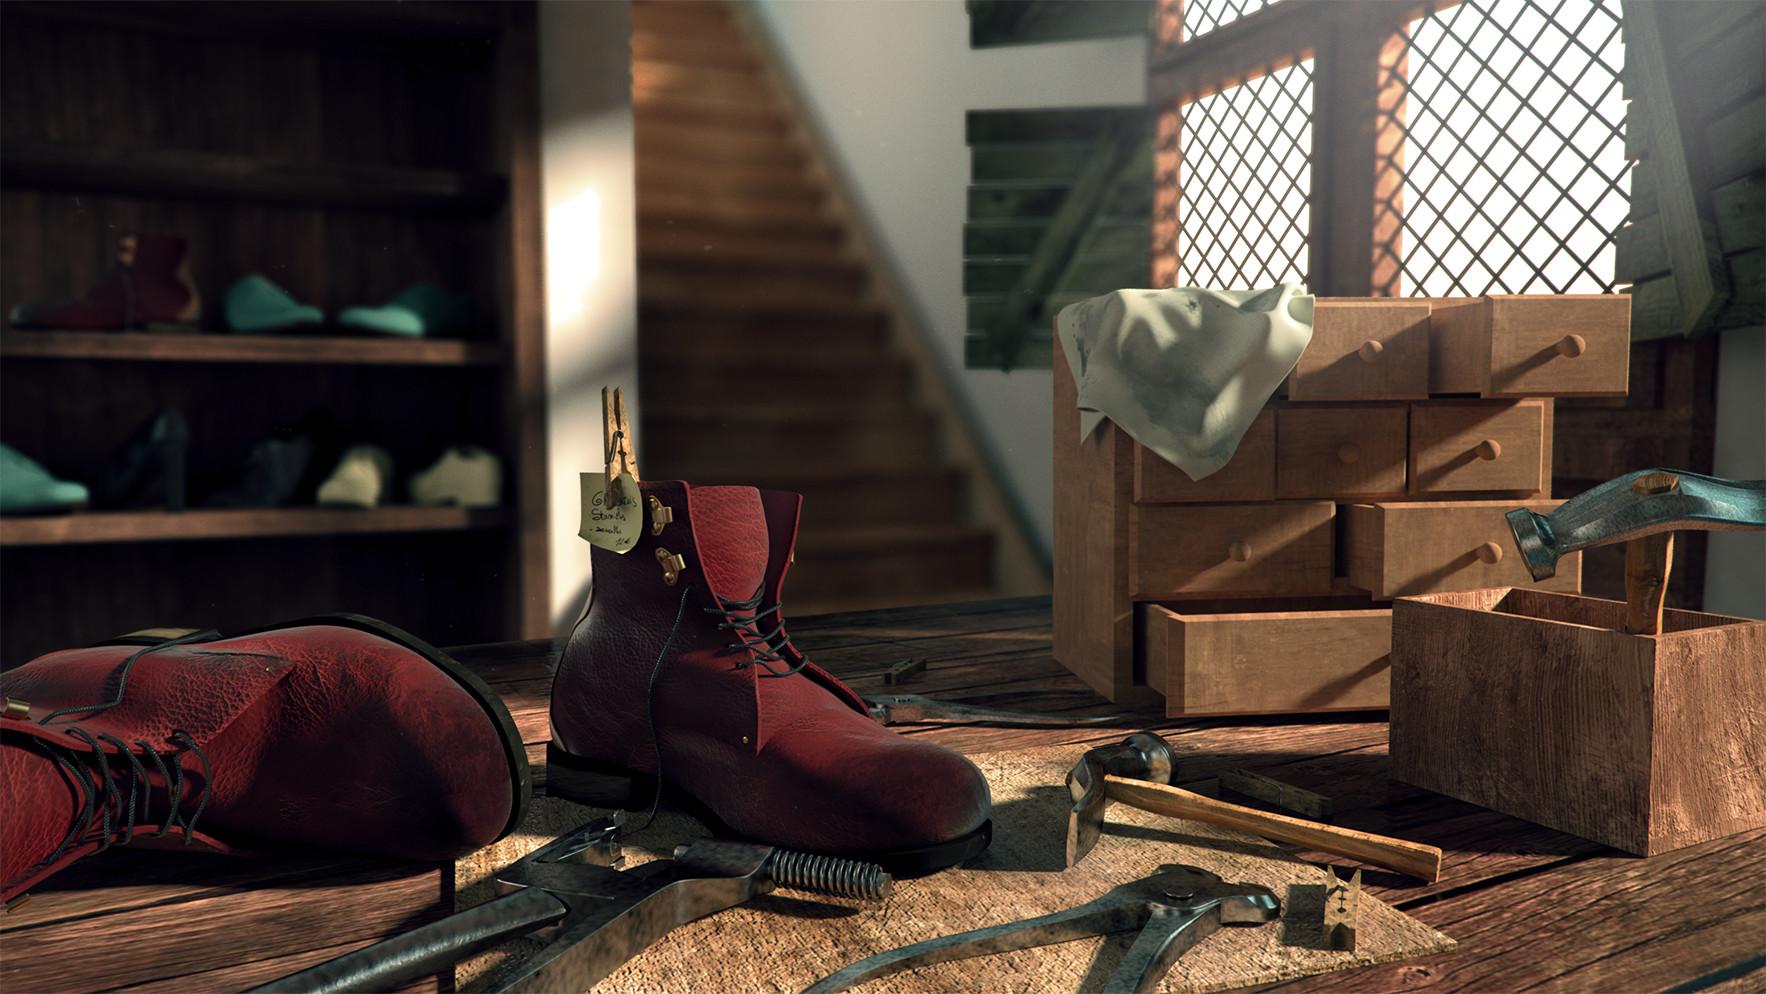 vente chaude en ligne dac3c bb0d8 Stanislas Gruénais - shoes workshop